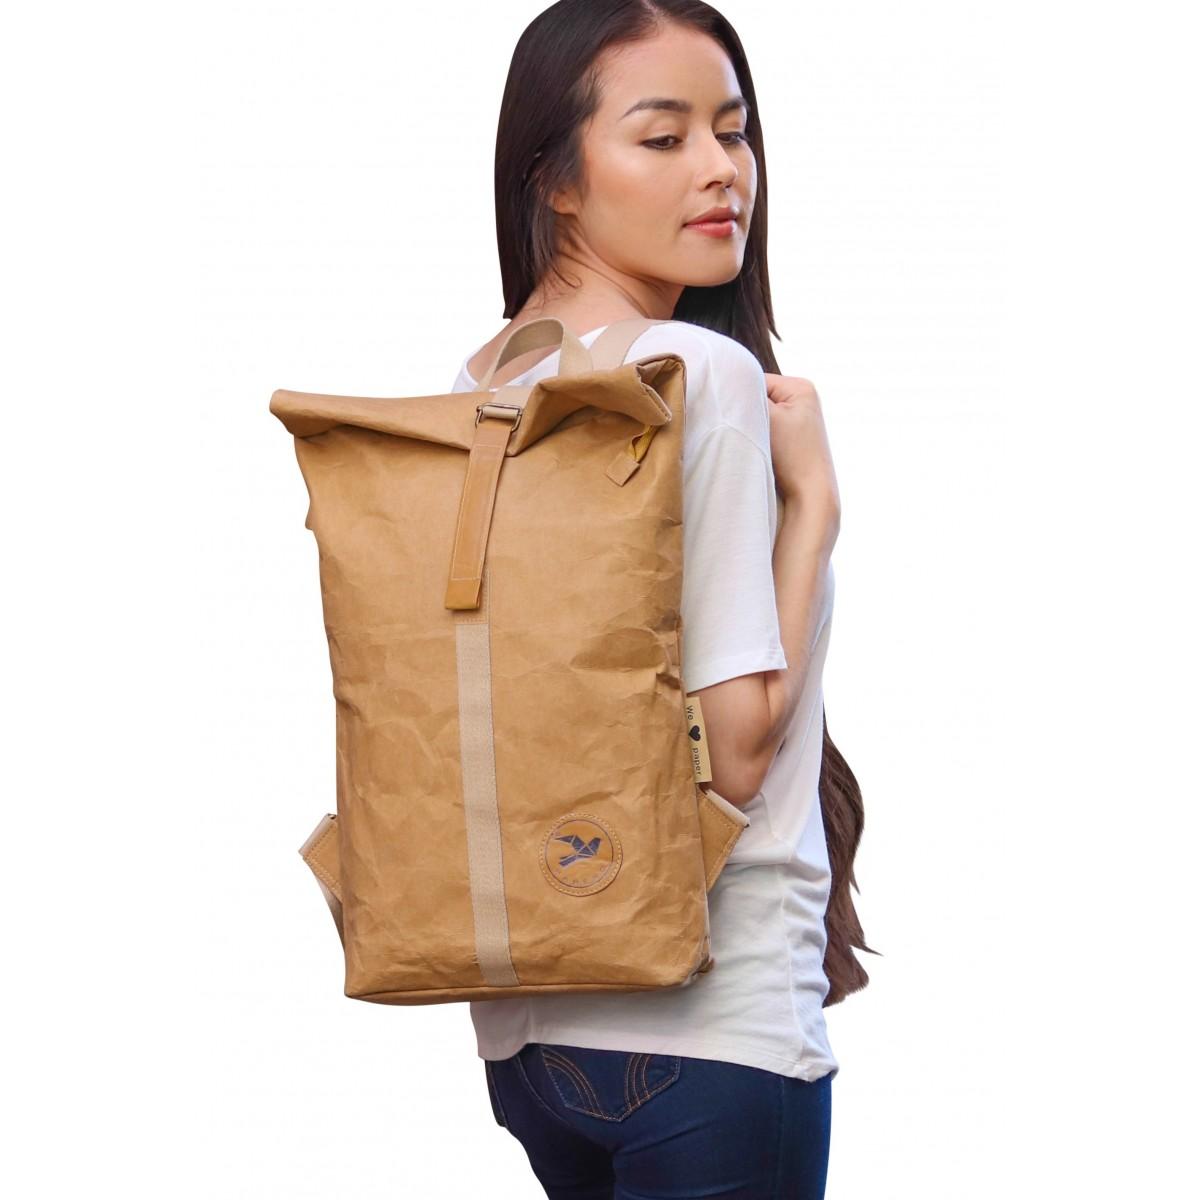 PAPERO ® Rucksack - Cougar - aus Kraft Papier, robust, wasserfest,   Unisex, ultraminimalistisch, veganes Leder, Urban Style, rolltop, nachhaltig, recycelbar mit FSC Siegel